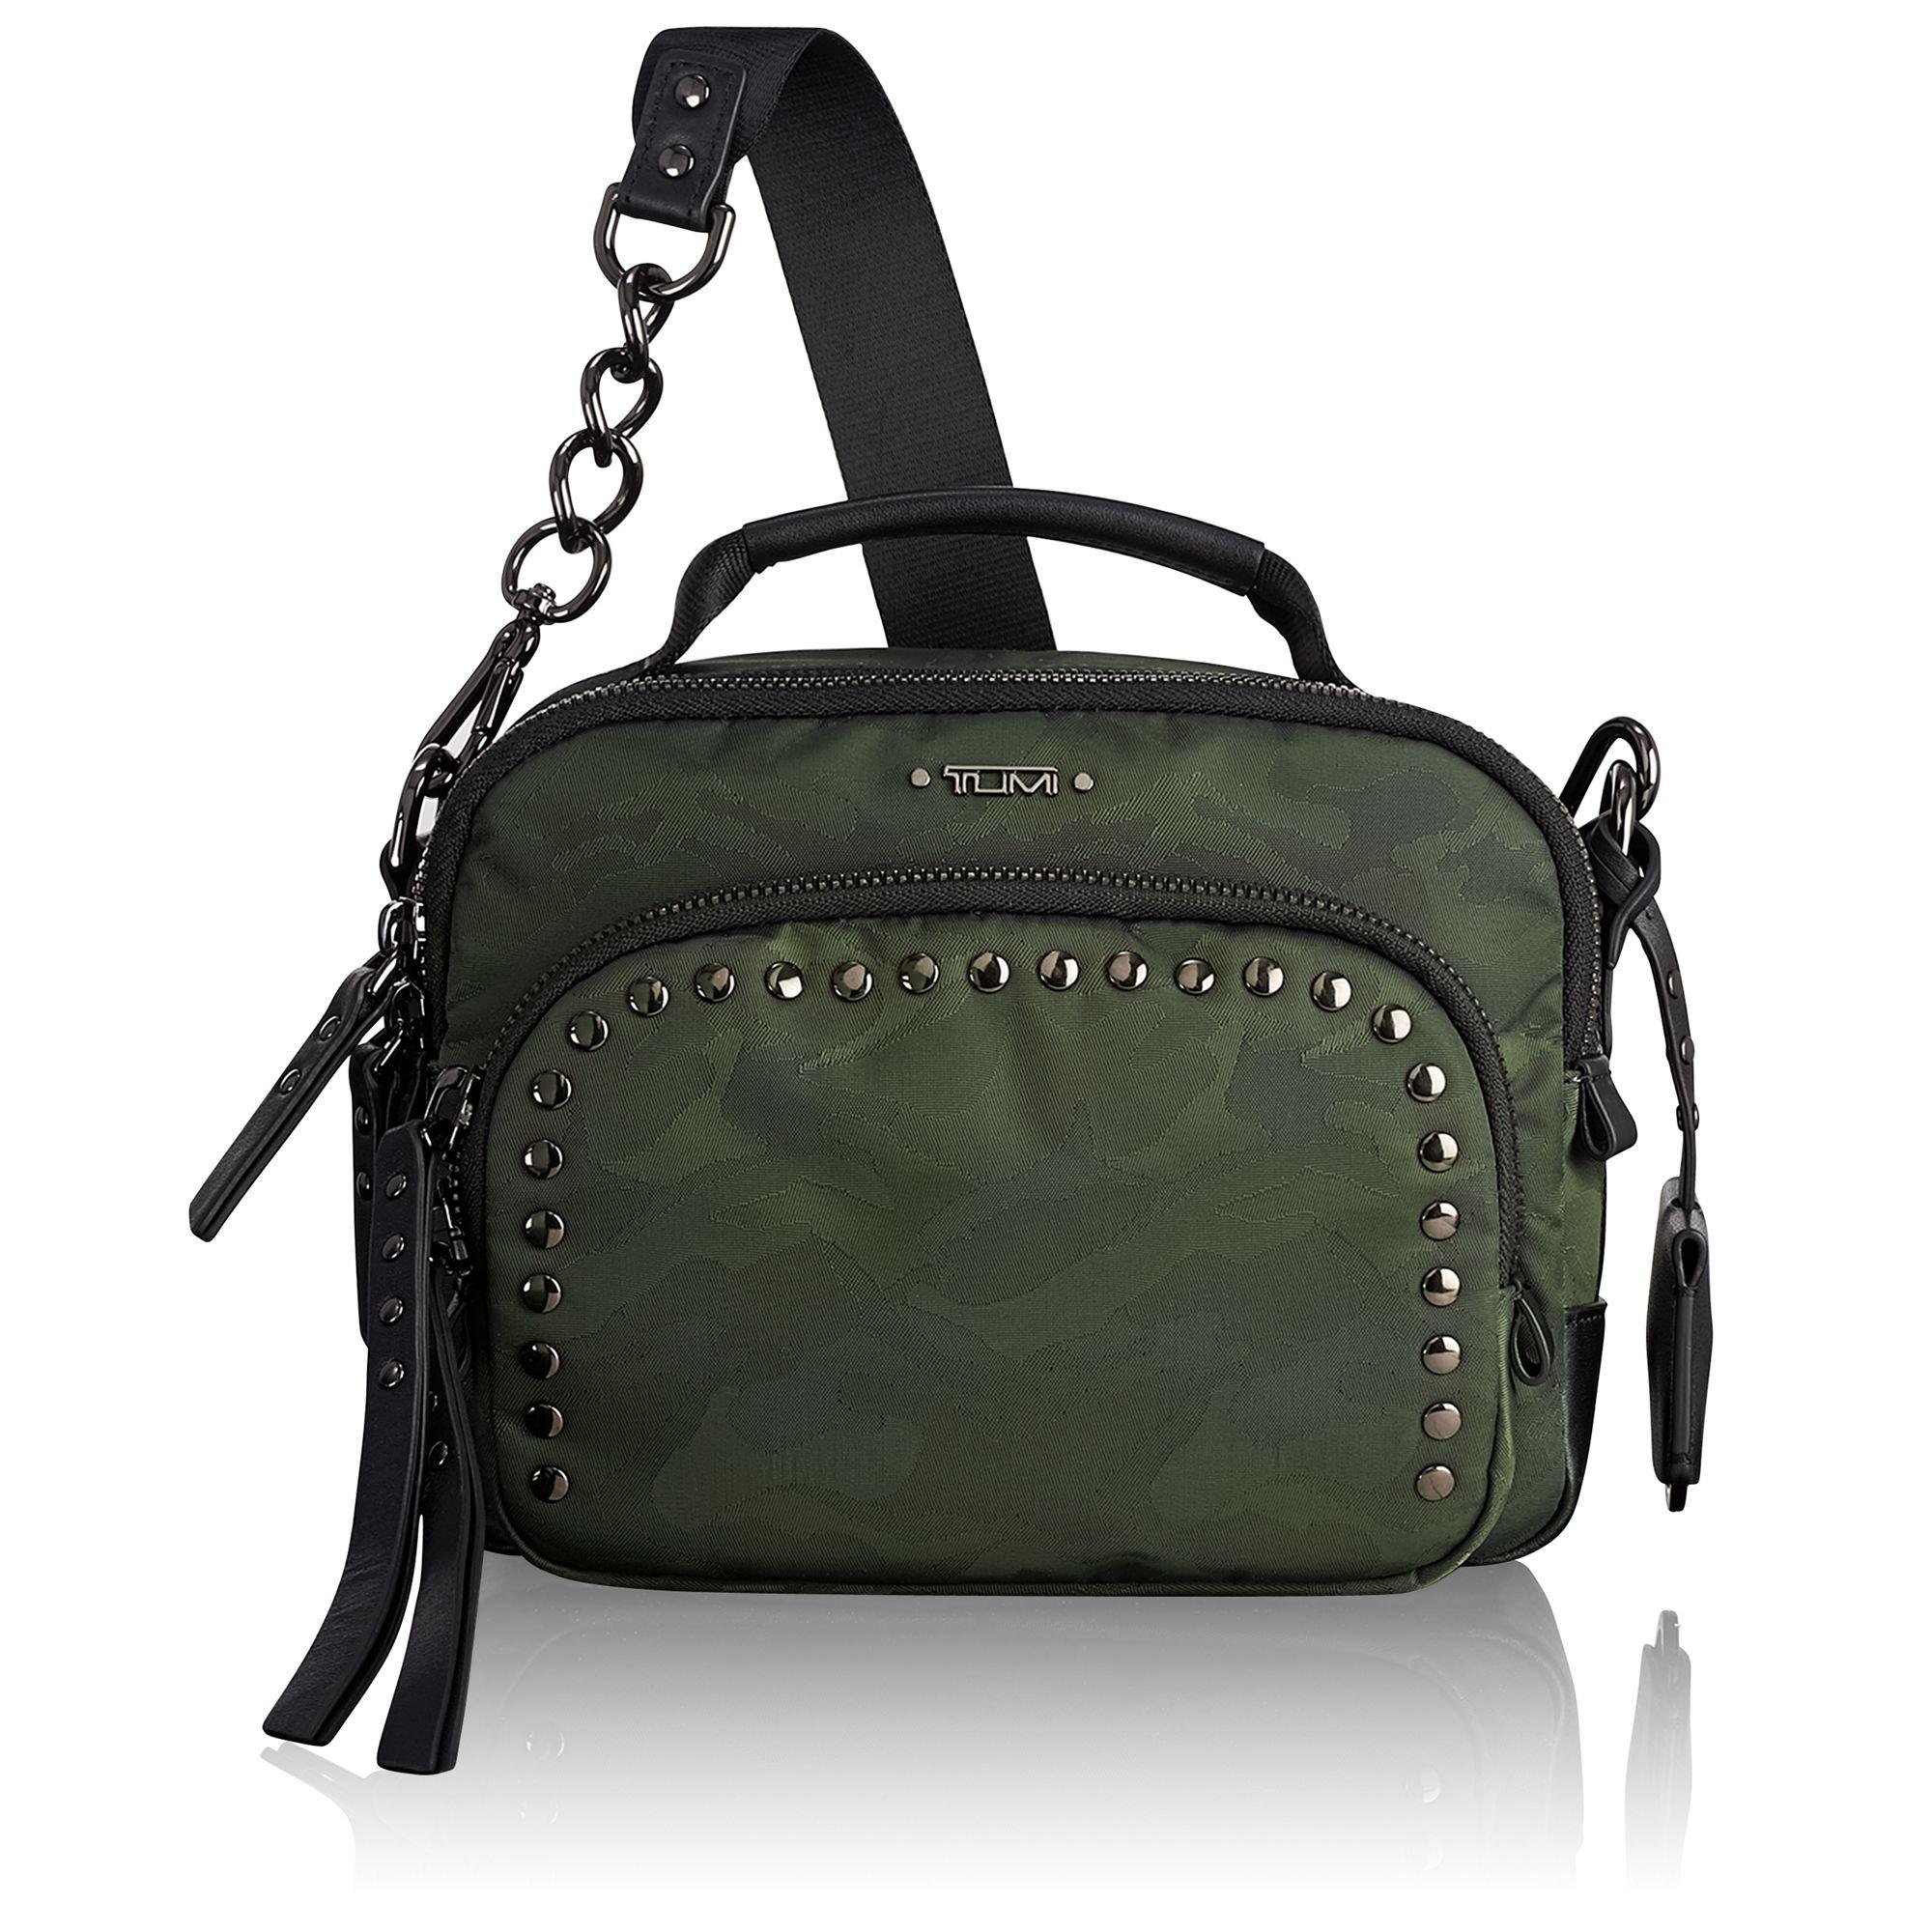 TUMI - Voyageur Troy Crossbody Bag - Over Shoulder Satchel for Women